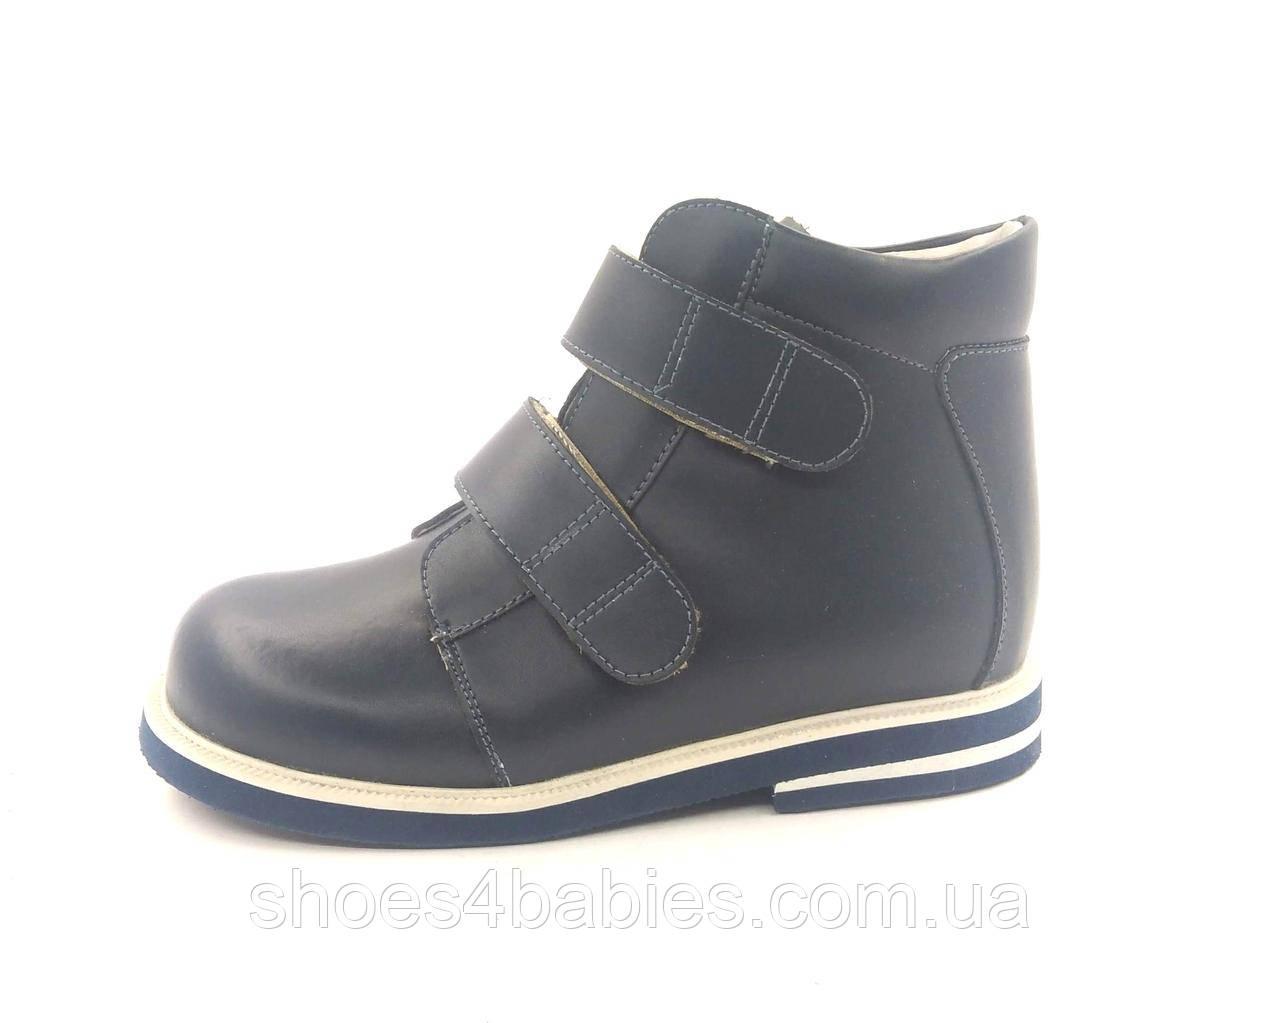 Дитячі ортопедичні черевики Сурсил Орто р. 18-35 модель 09-016